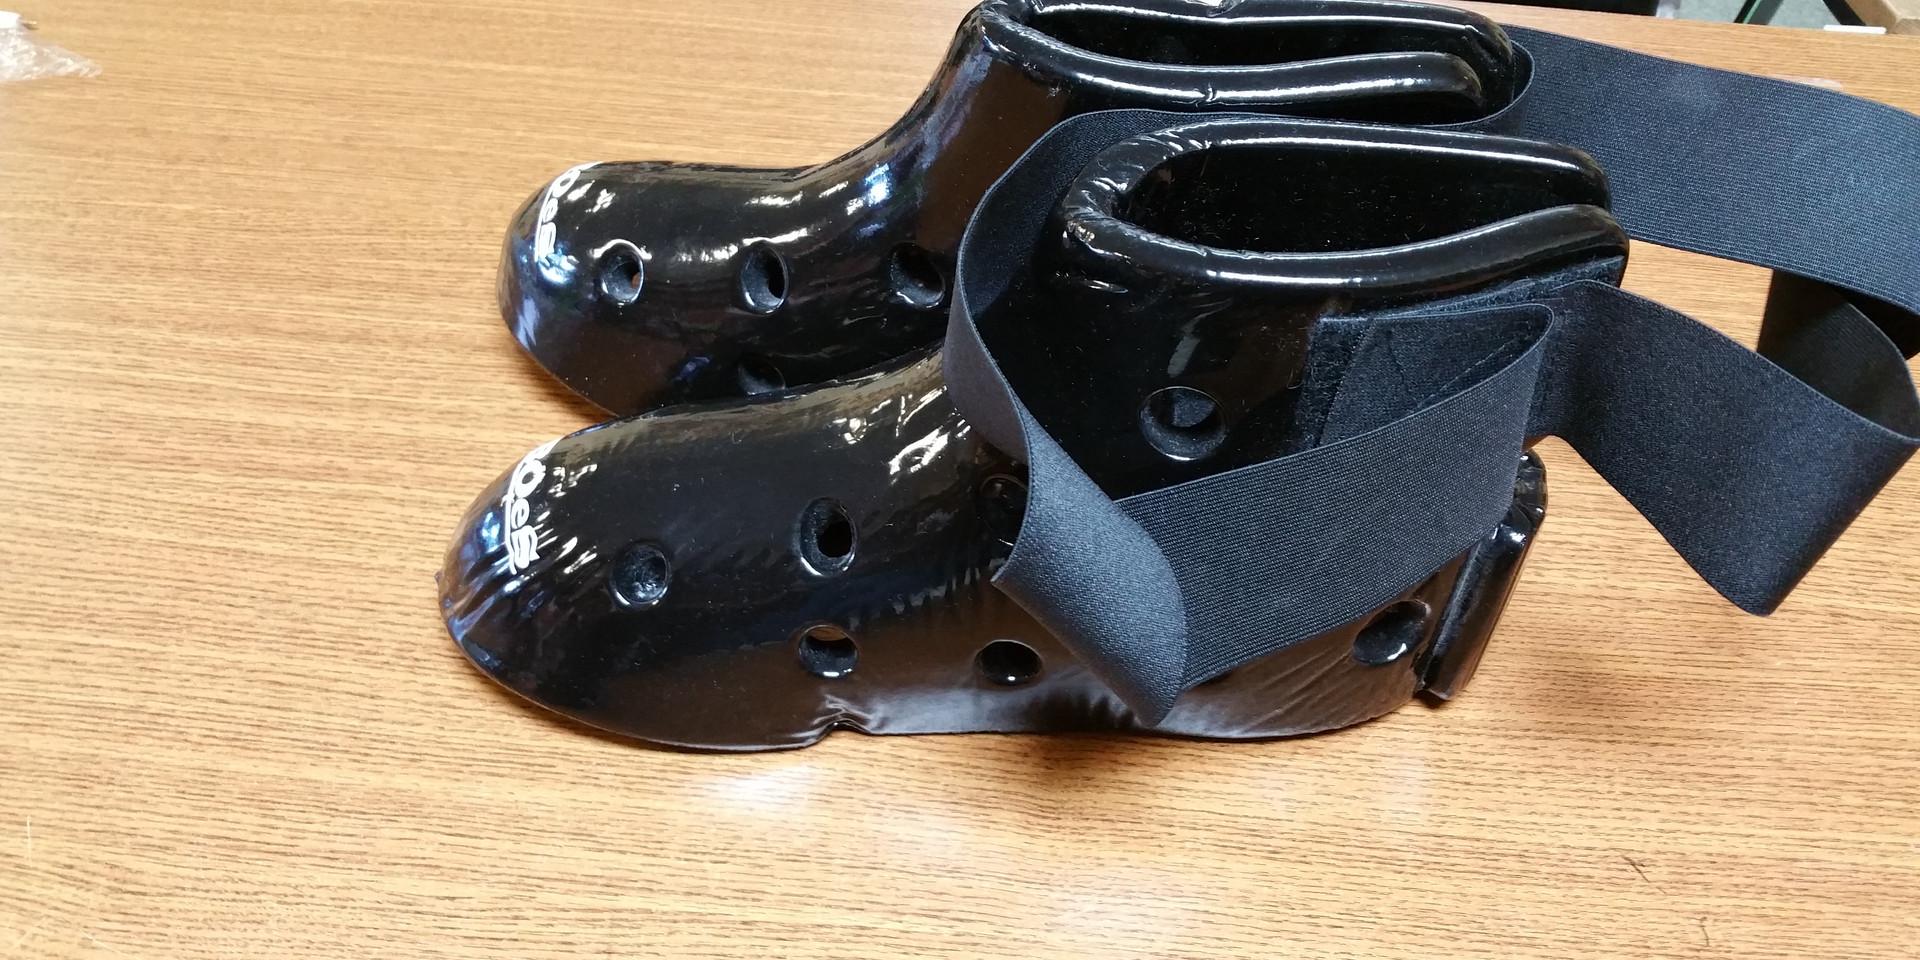 Foot Protectors